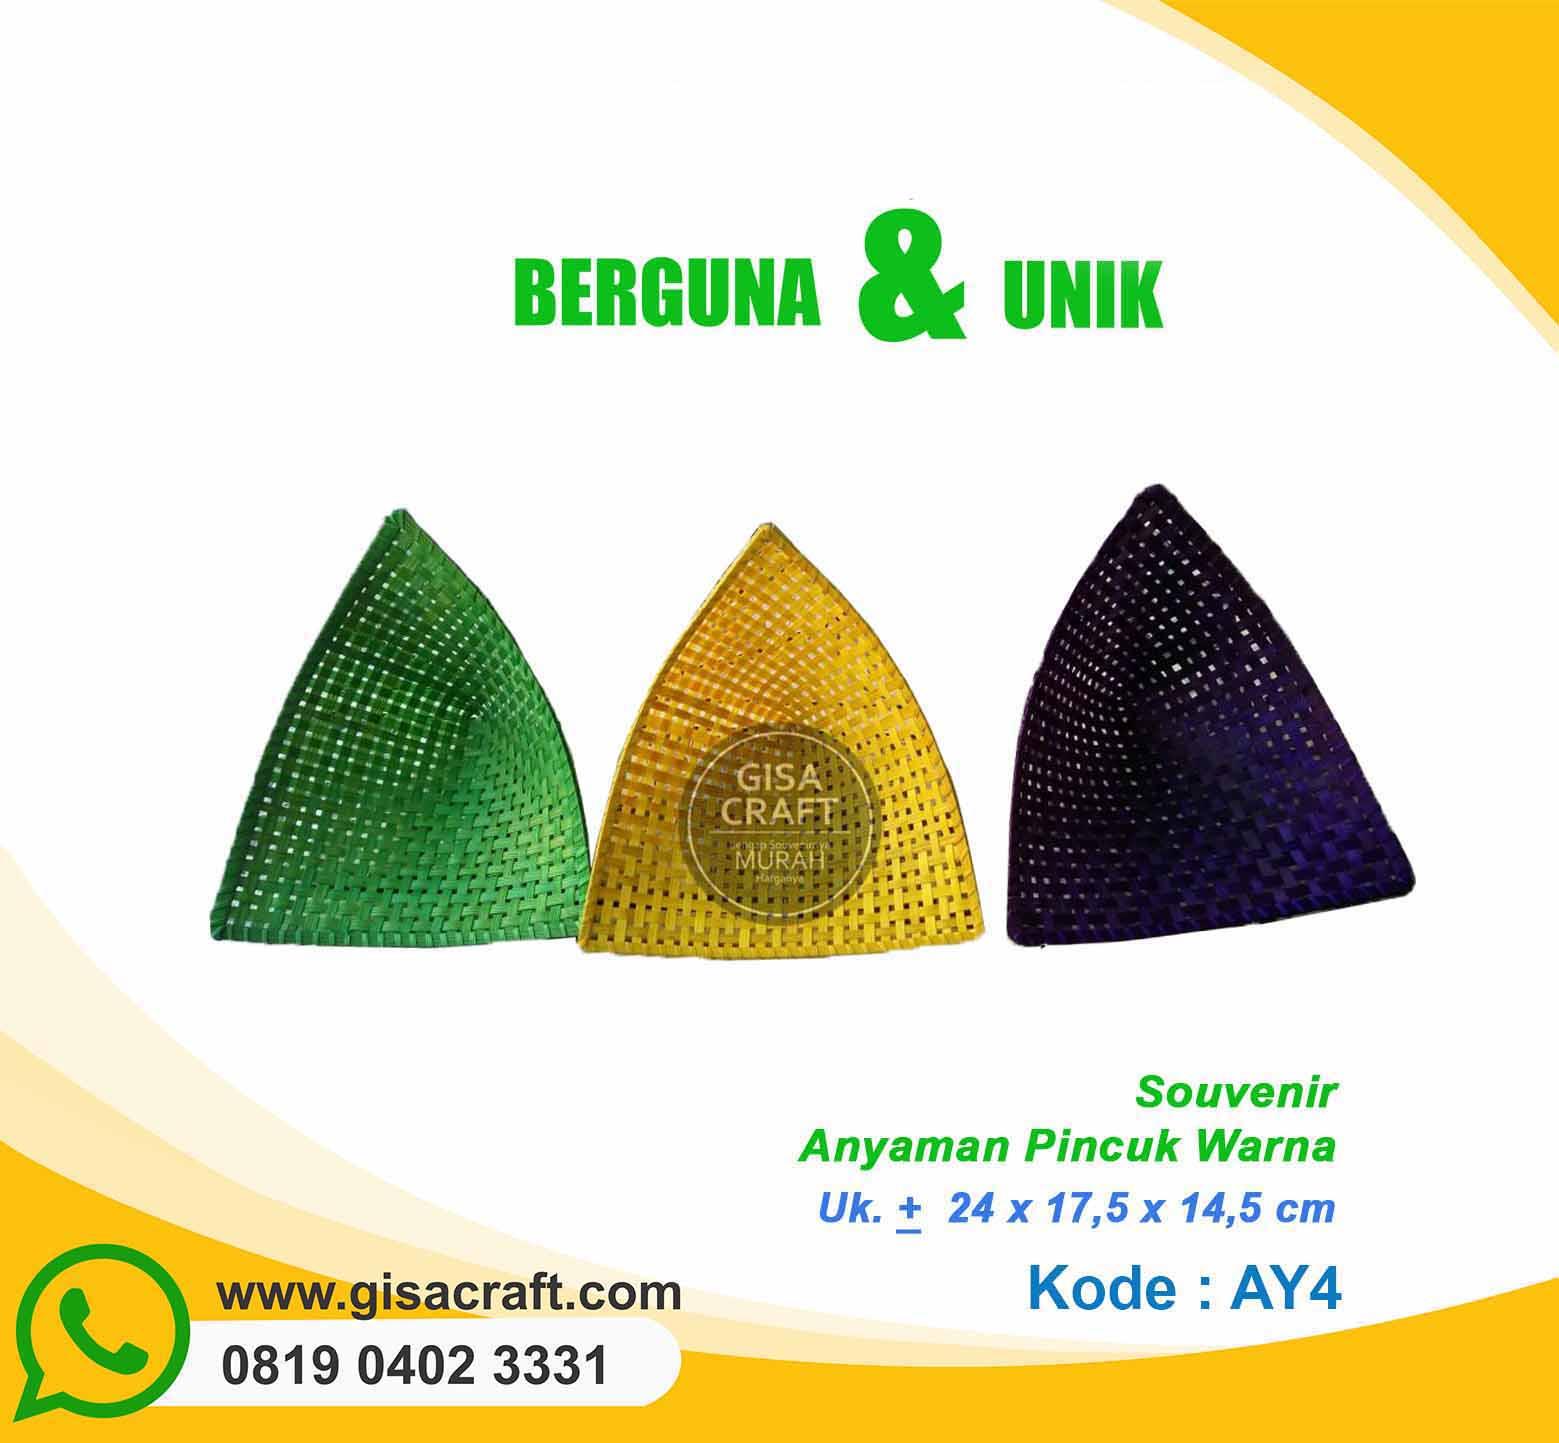 Souvenir Anyaman Pincuk Warna AY4